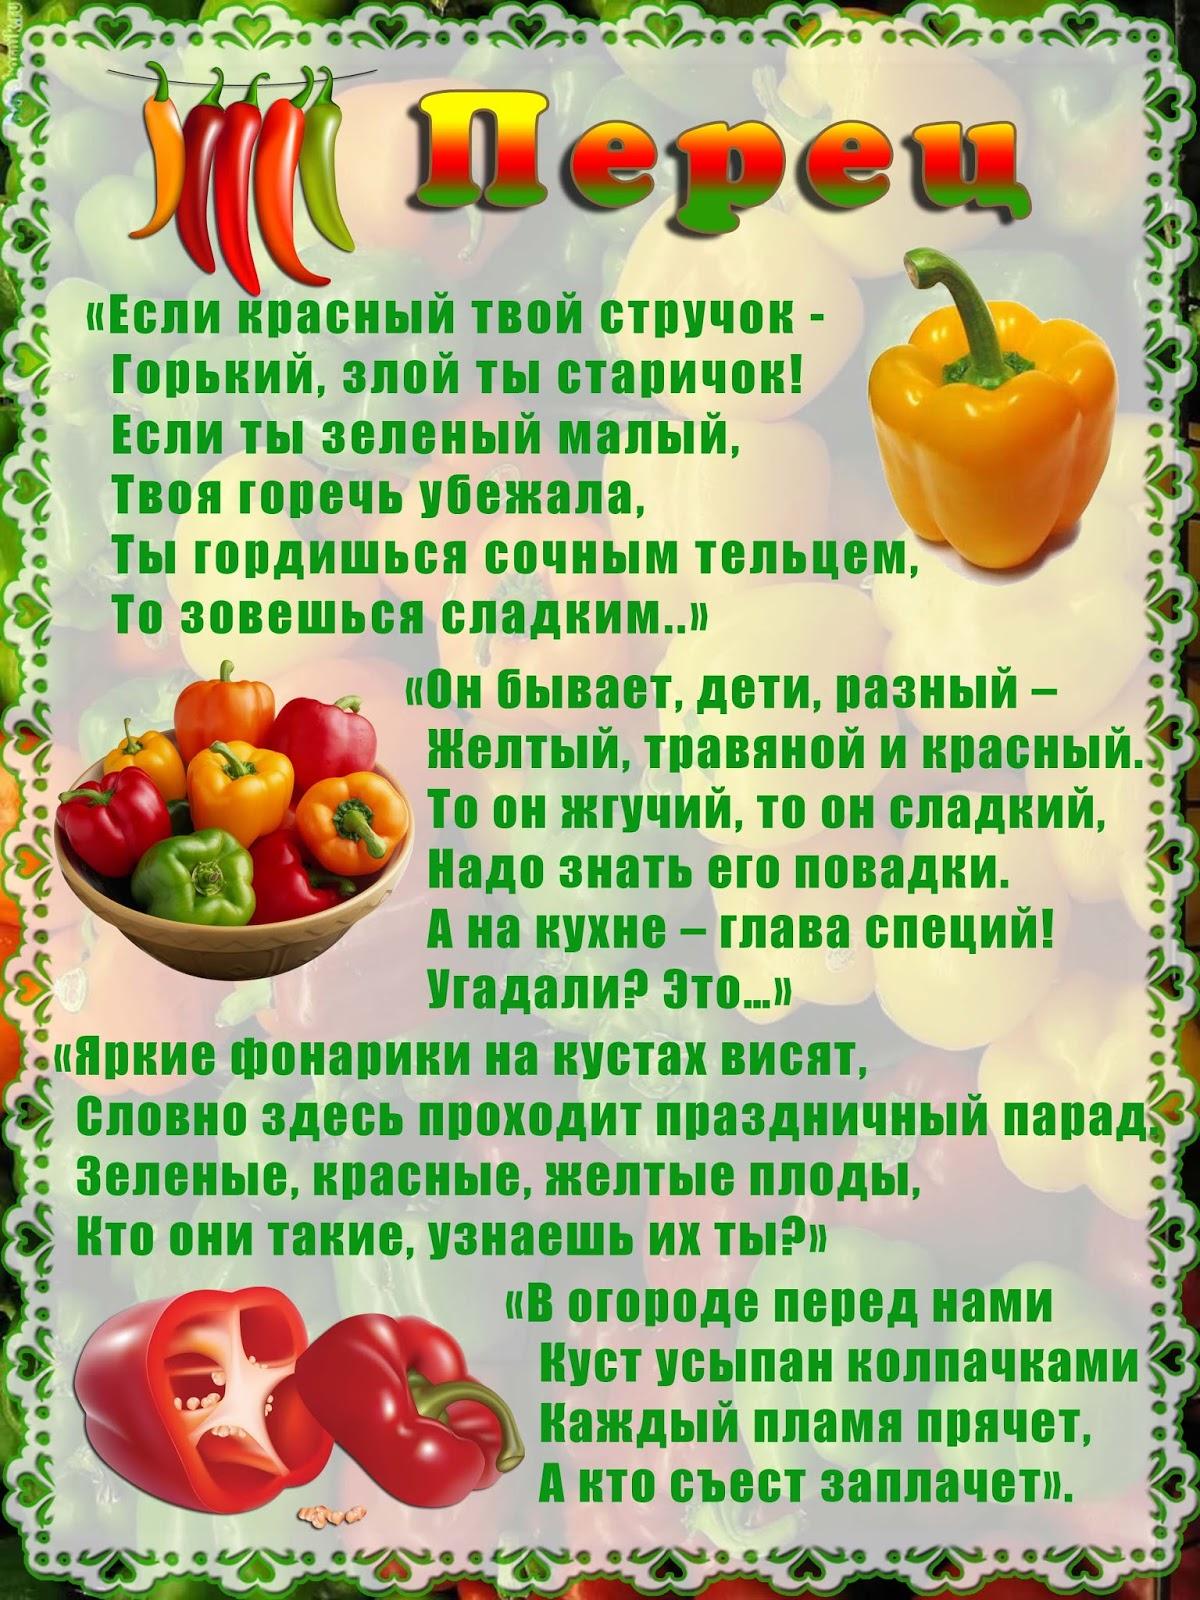 разнообразной пословицы про овощи с картинками встрече, мне была